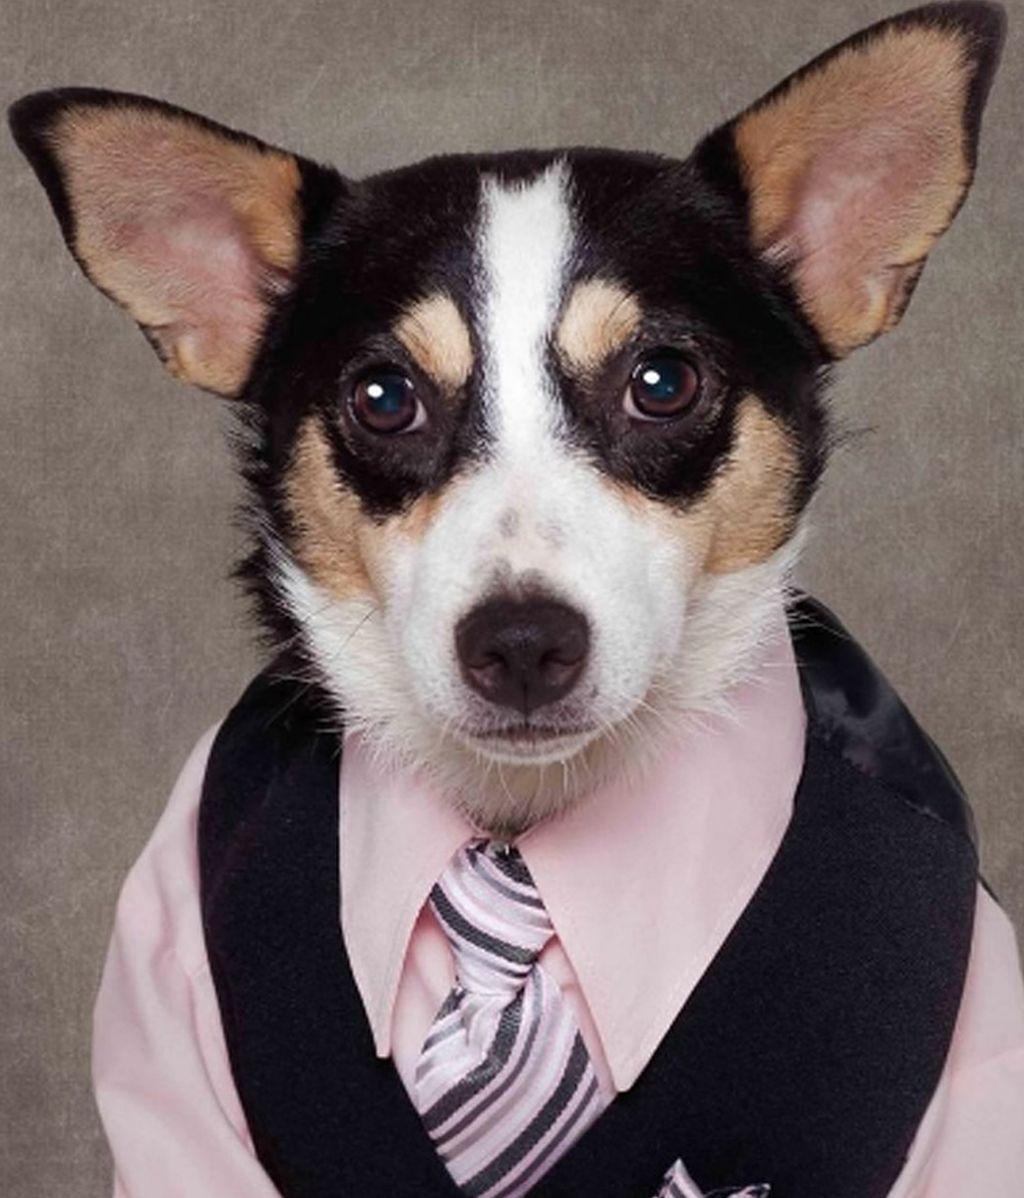 La original ayuda de una fotógrafa para que se adopte perros abandonados